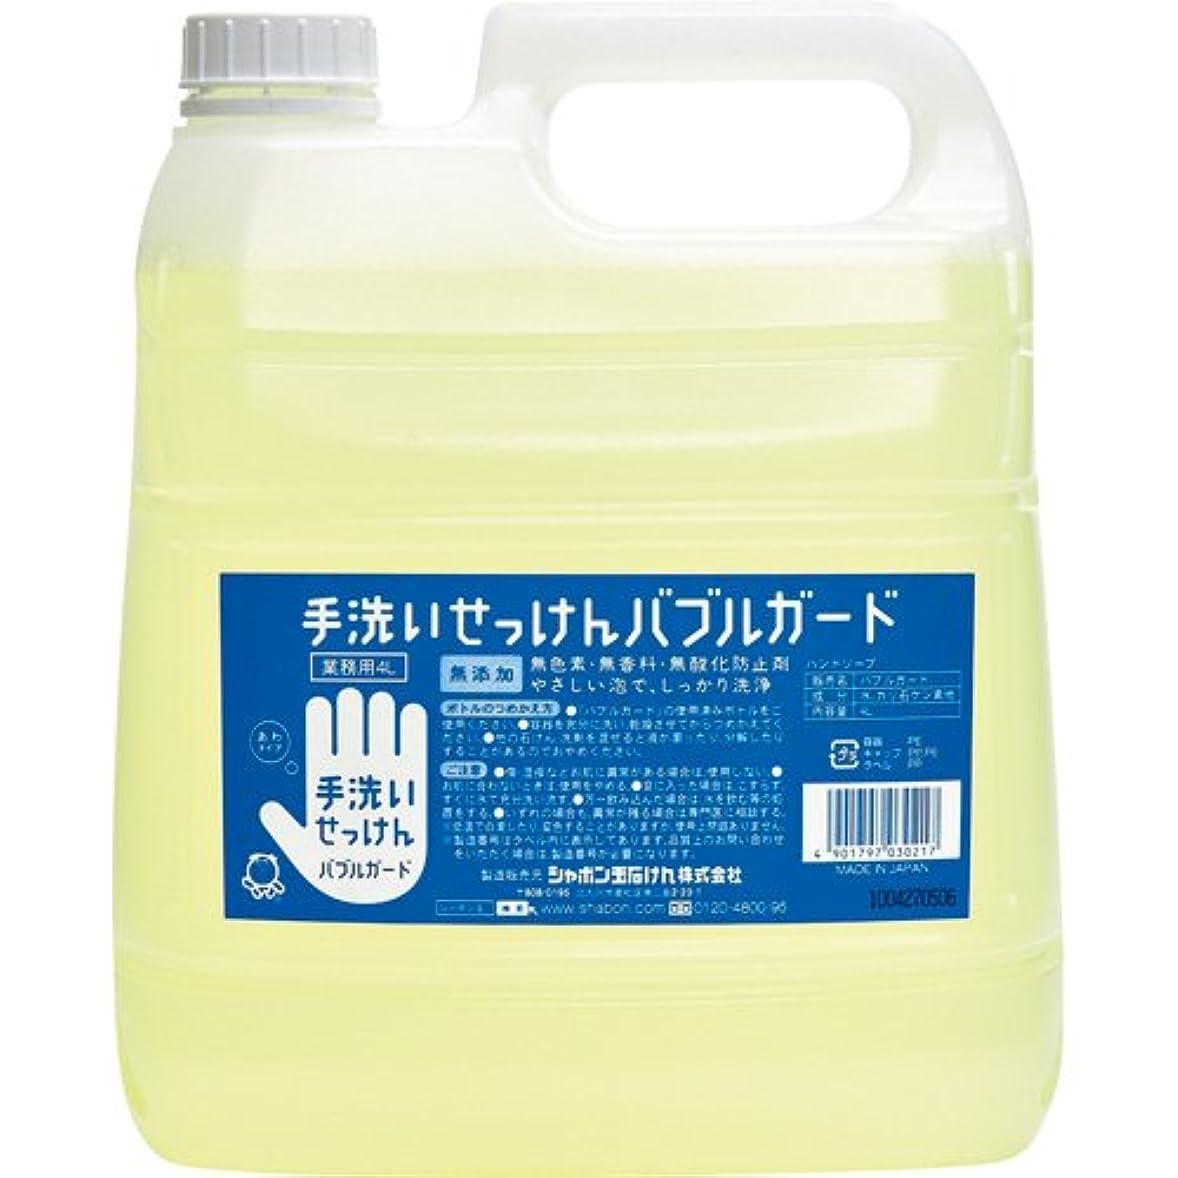 実験的ポータルディレイ[シャボン玉石けん 1692542] (ケア商品)手洗いせっけん バブルガード 泡タイプ 業務用 4L